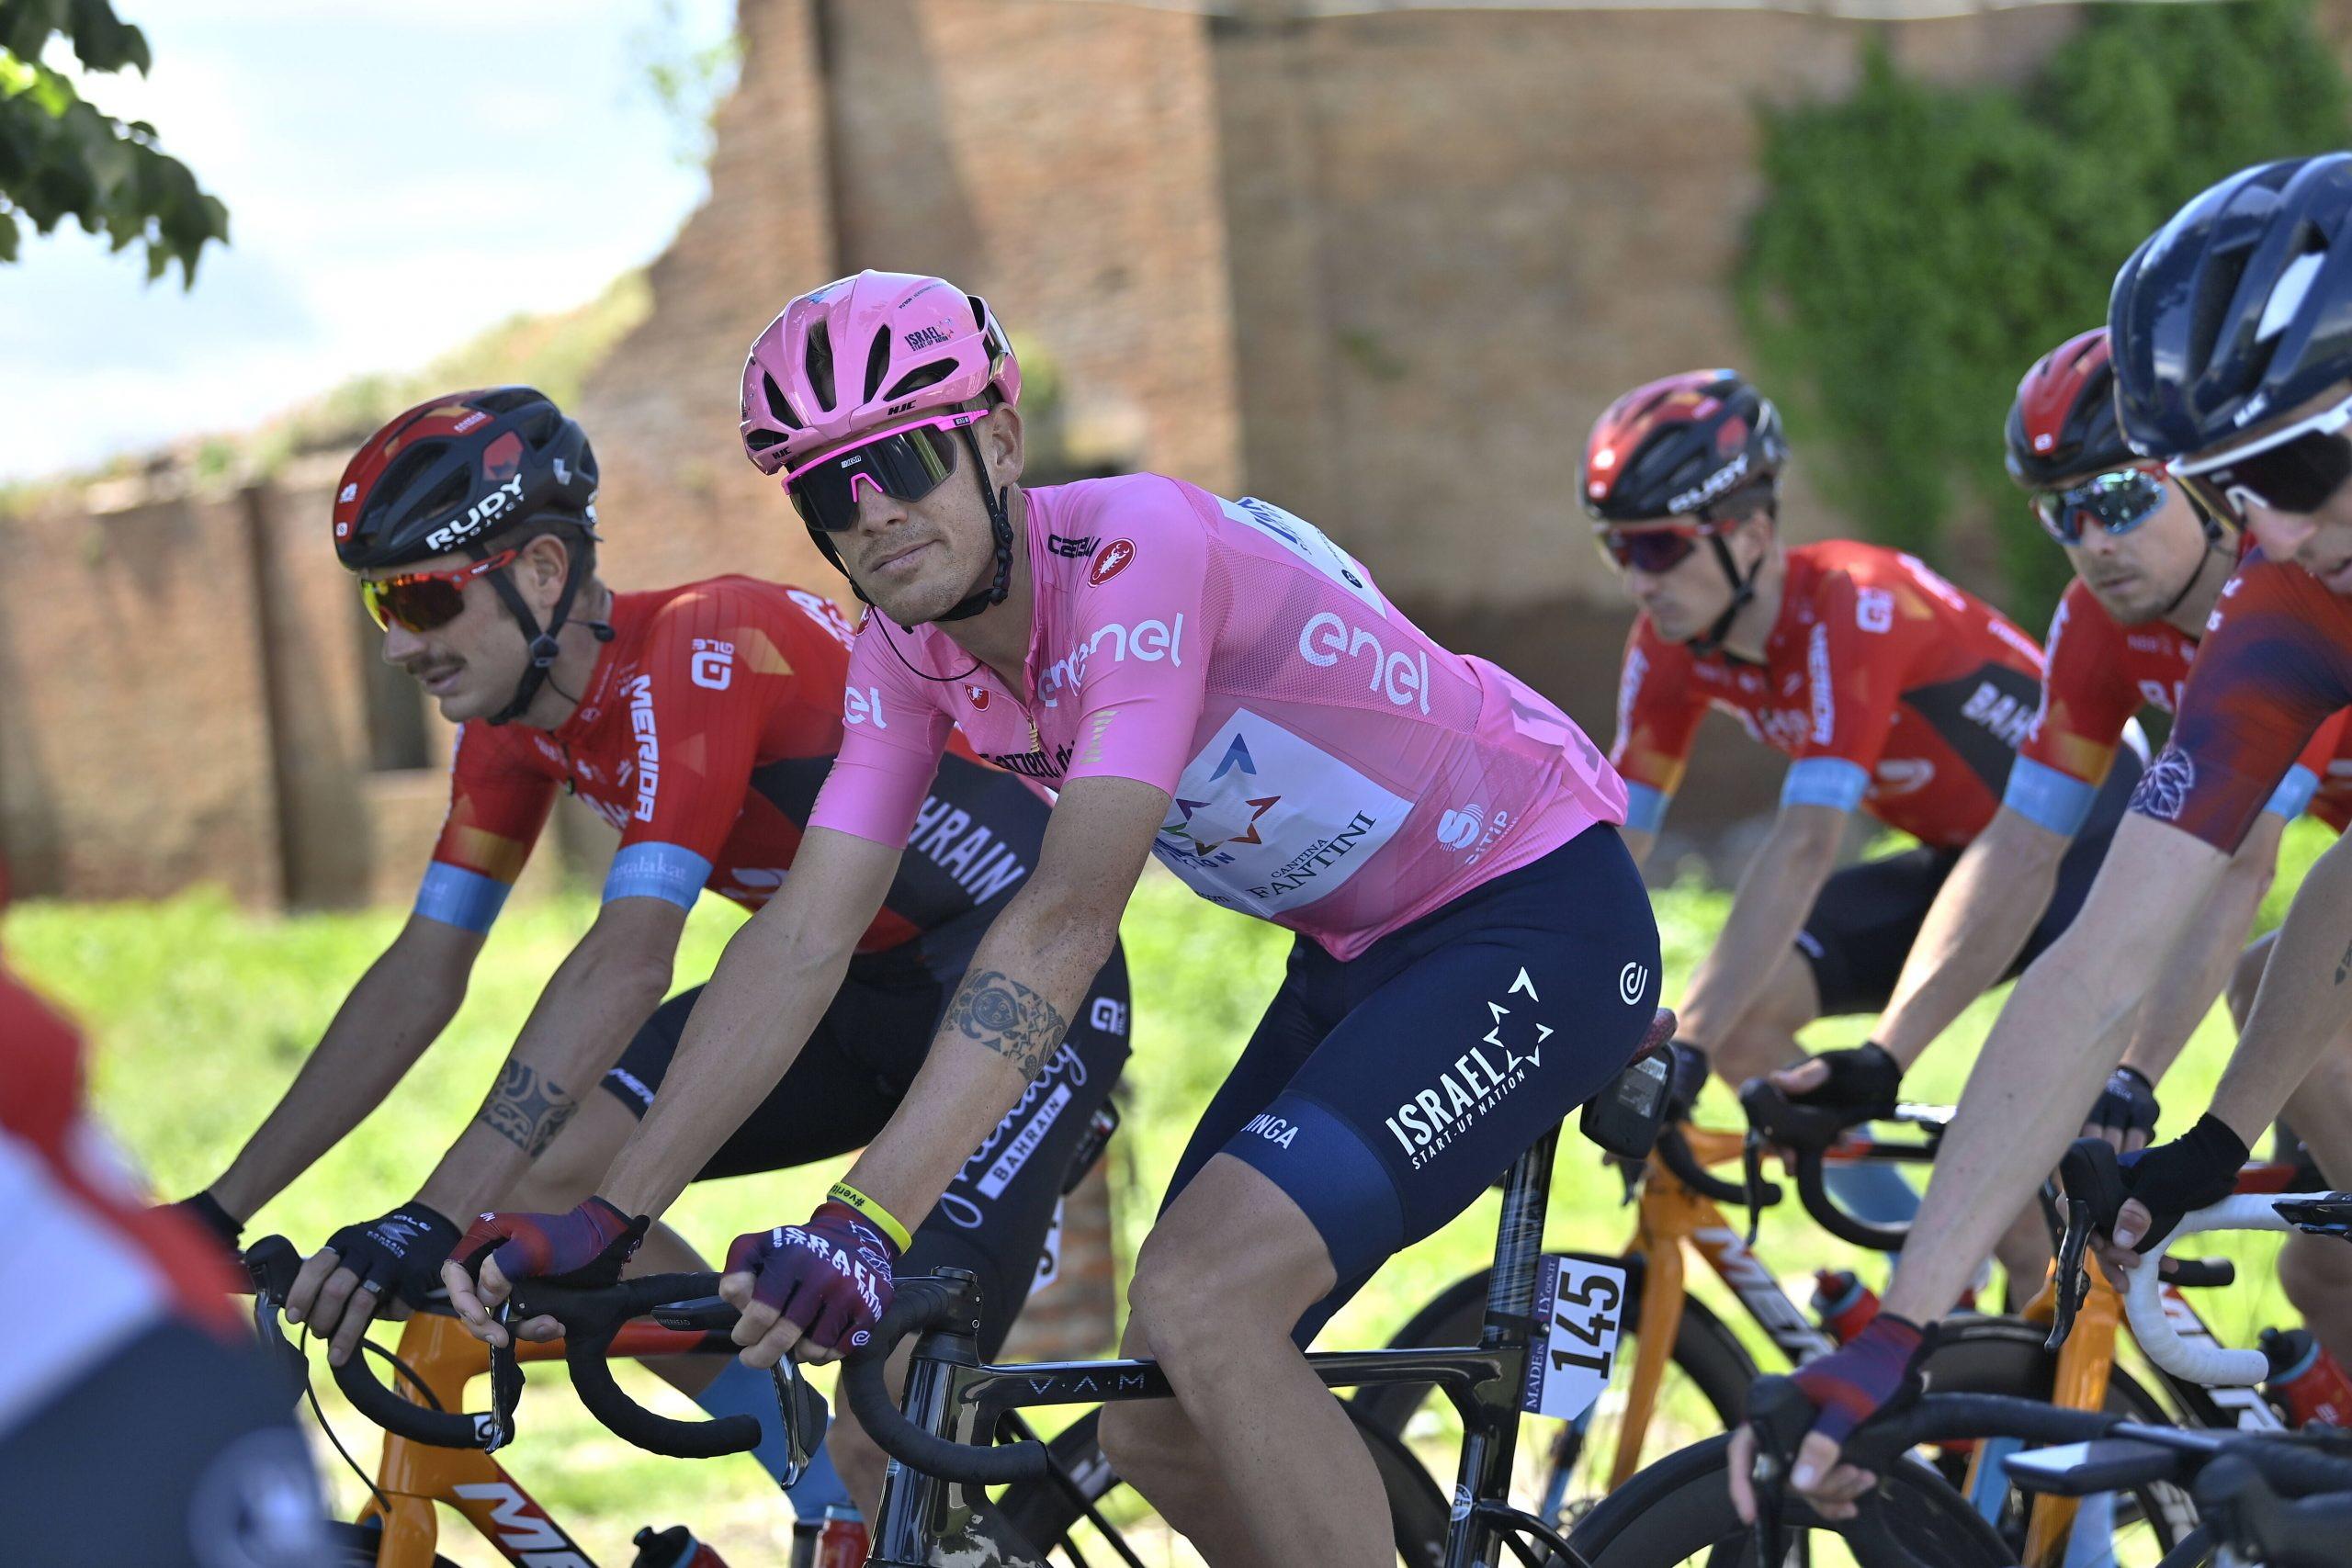 <p>L'australiano Caleb Ewan ha vinto la quinta tappa del Giro d'Italia 2021. Il velocista della Lotto Soudal non ha lasciato scampo agli avversari nella volata di Cattolica, sopravanzando negli ultimi metri il campione europeo Giacomo Nizzolo.</p>